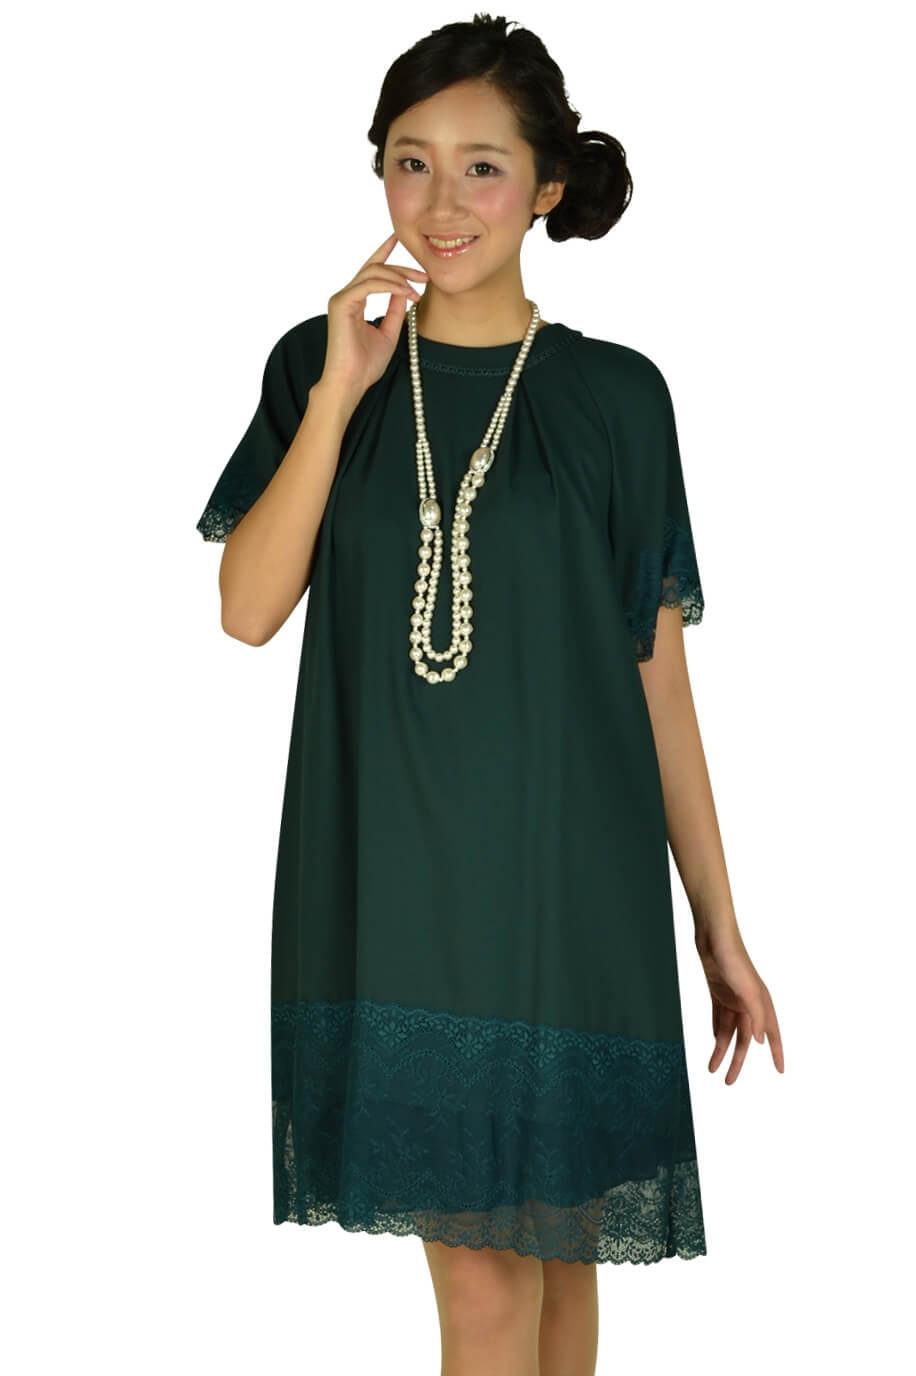 イエナ スローブ(IENA SLOBE)袖付きグリーンレースドレス